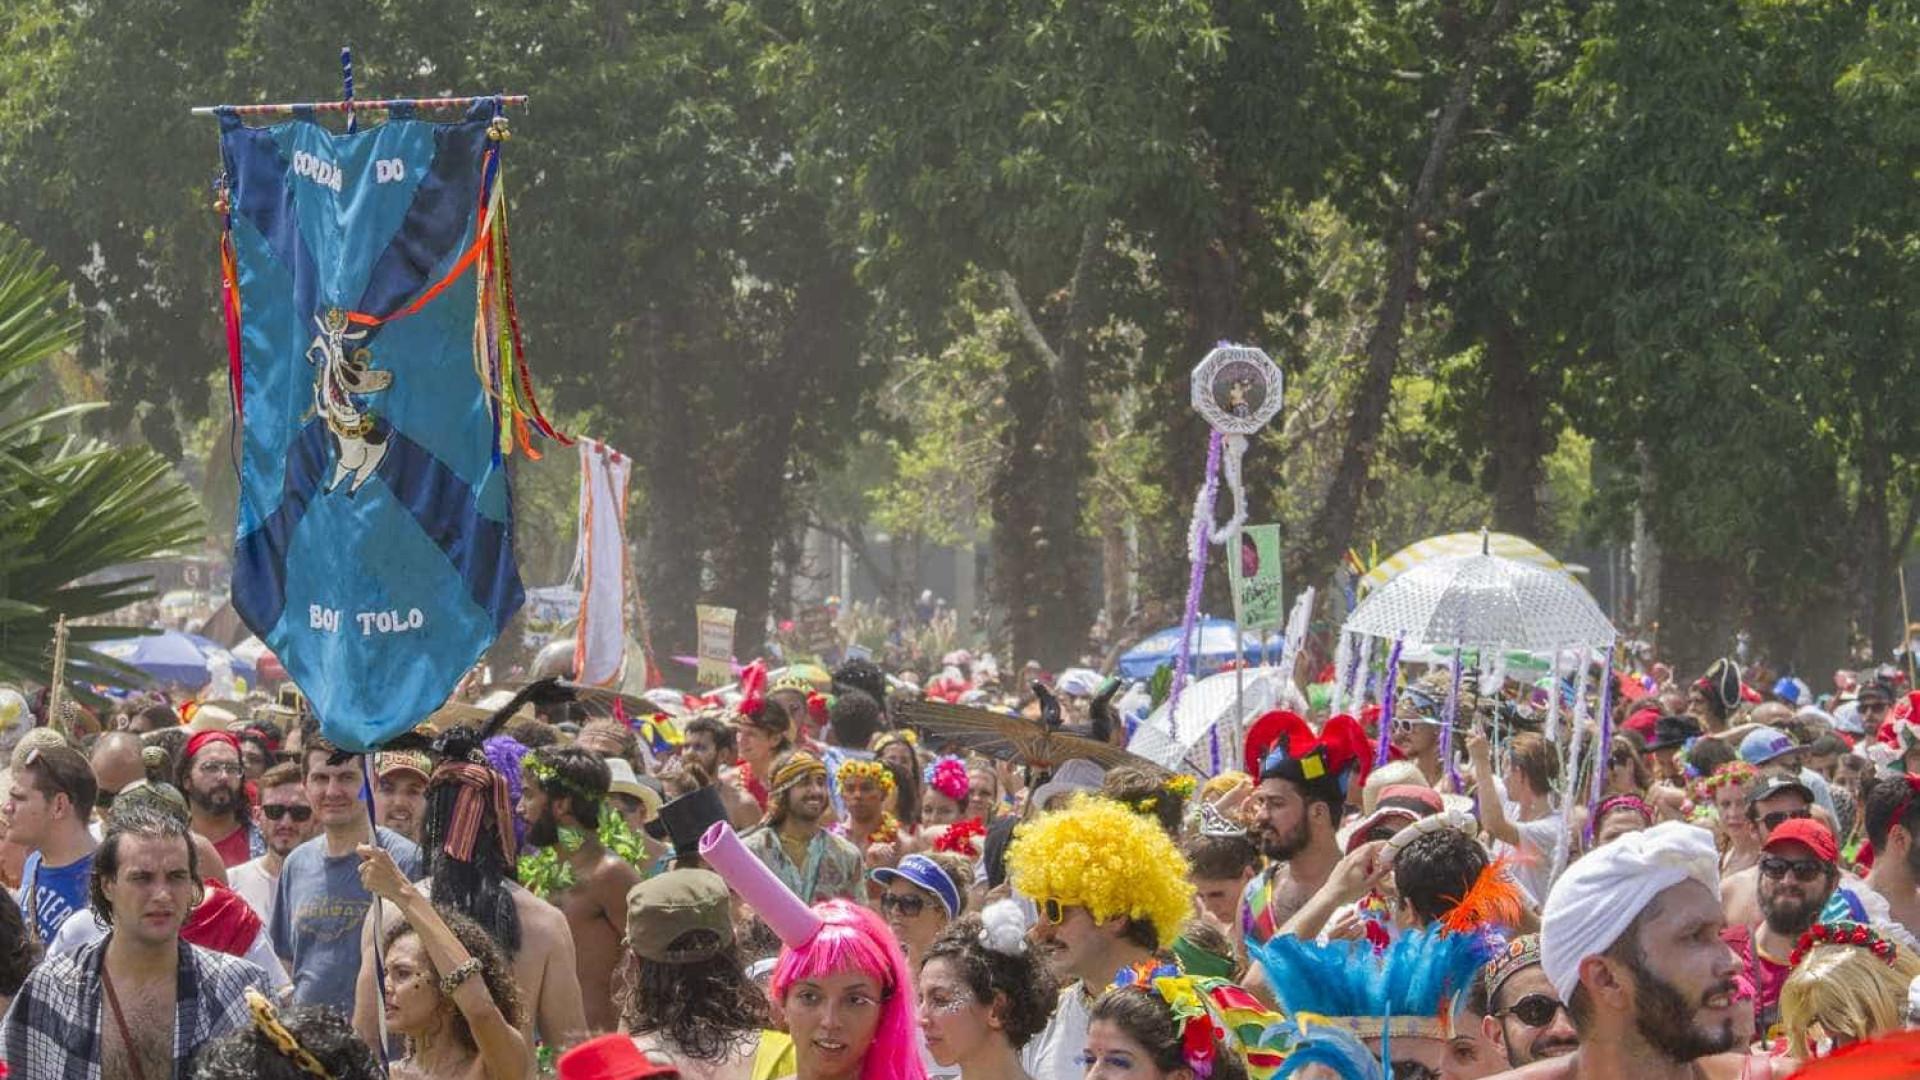 Tiroteio próximo a bloco de carnaval deixa um morto no Rio